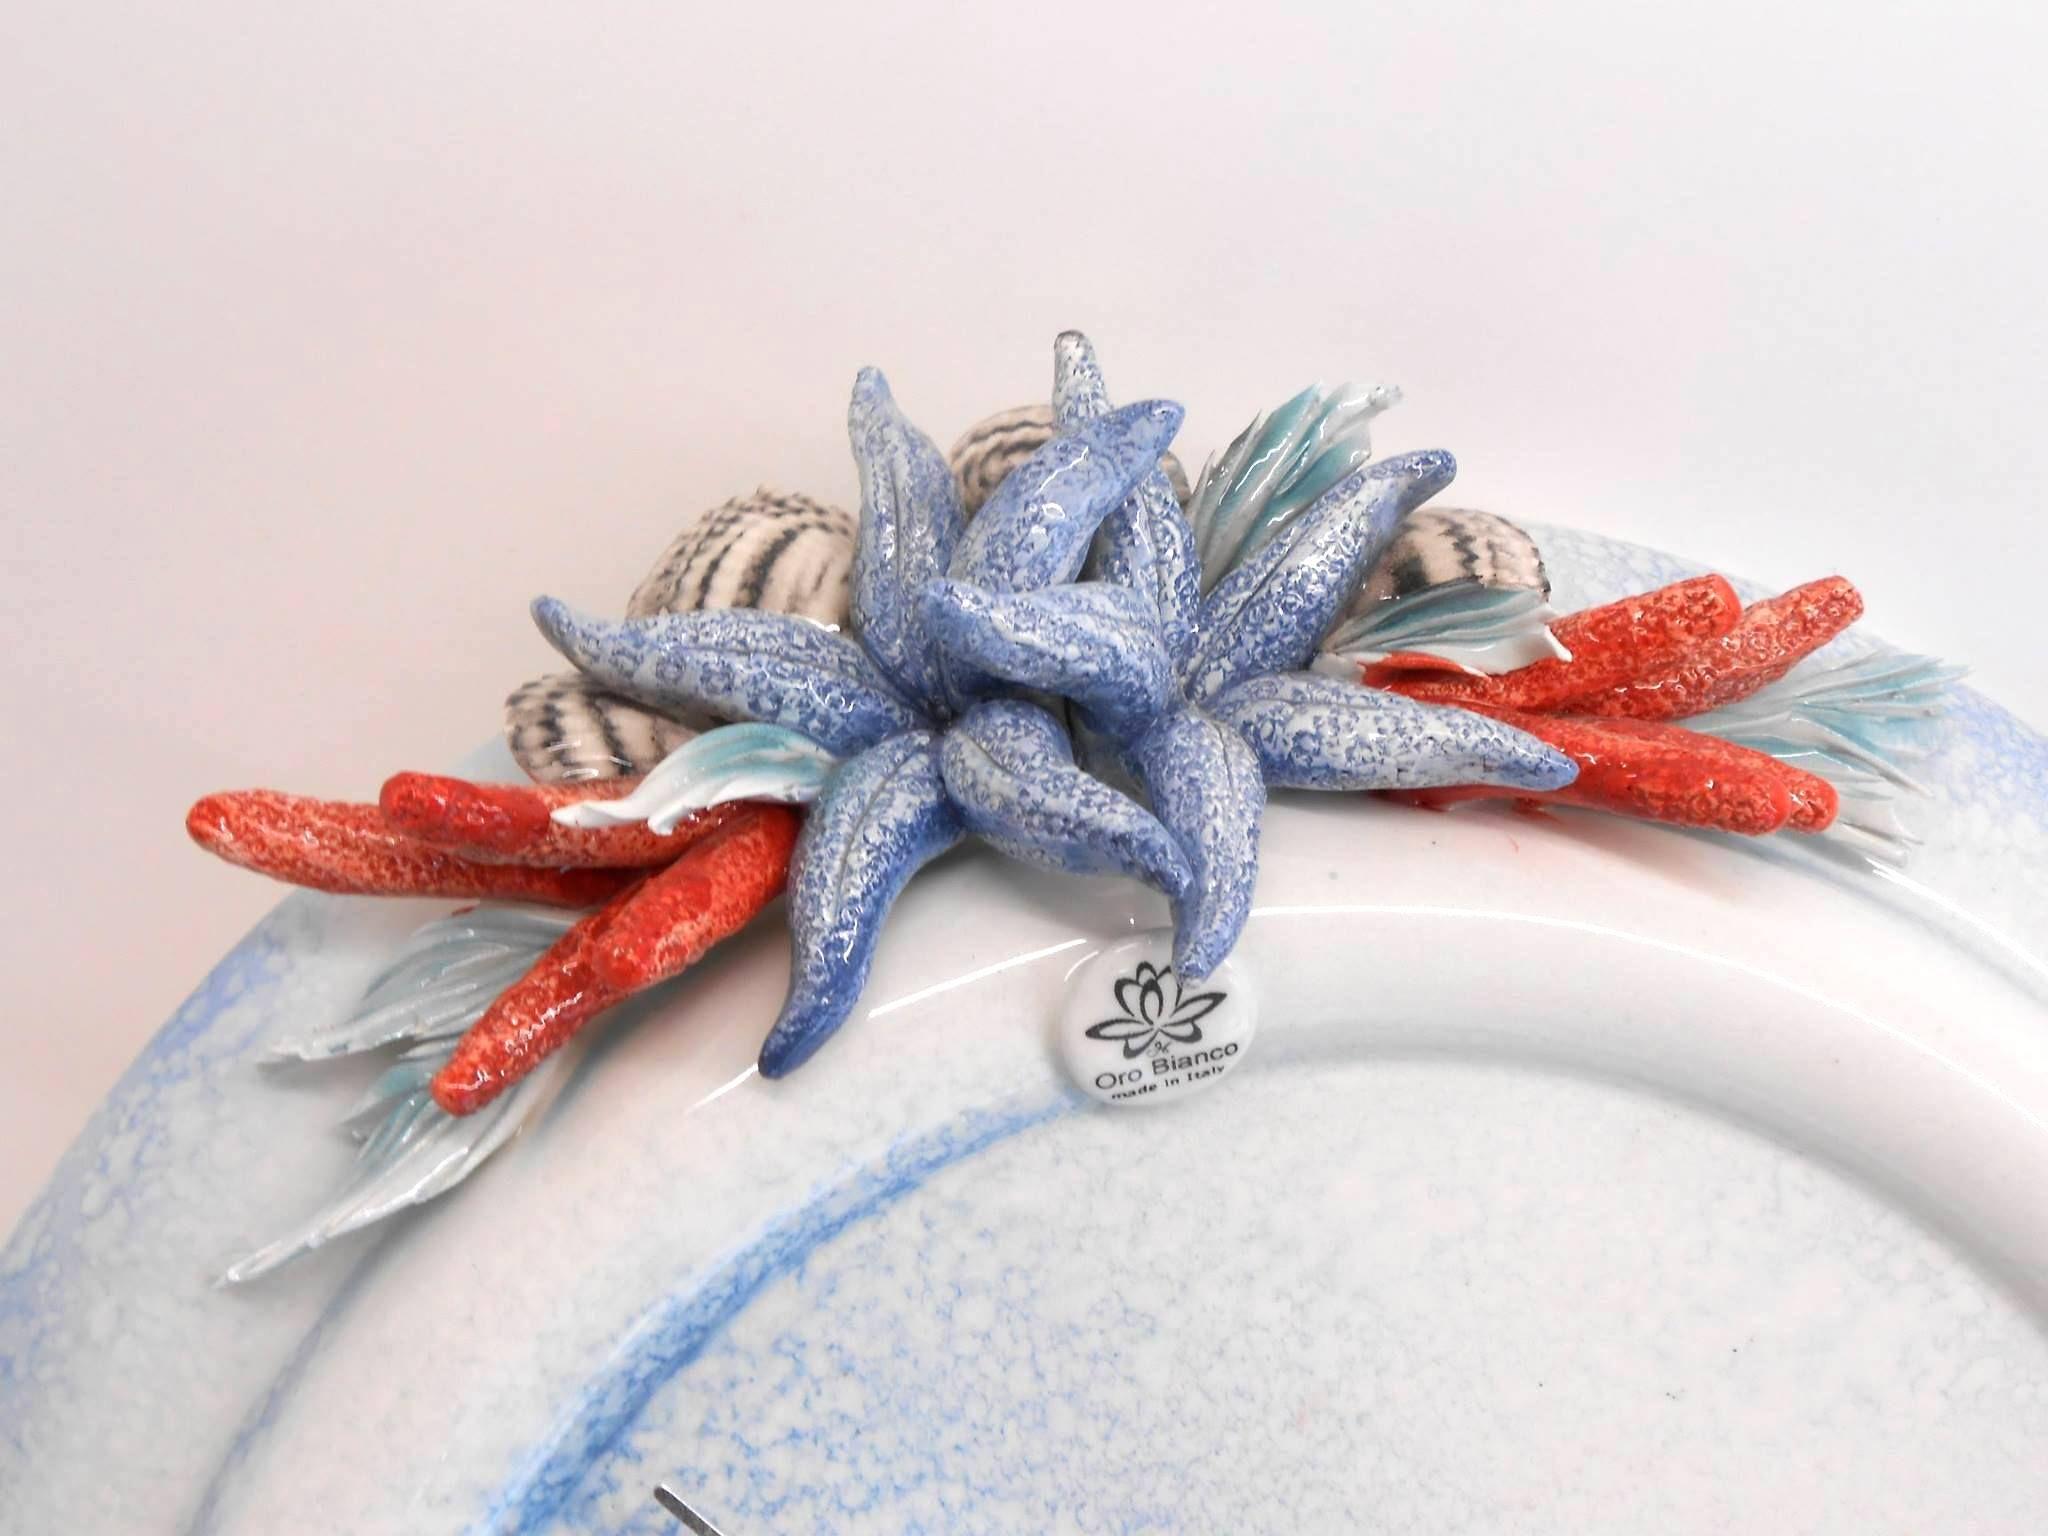 Ceramica E Complementi.Complementi D Arredo Per La Casa In Porcellana E Ceramica Di